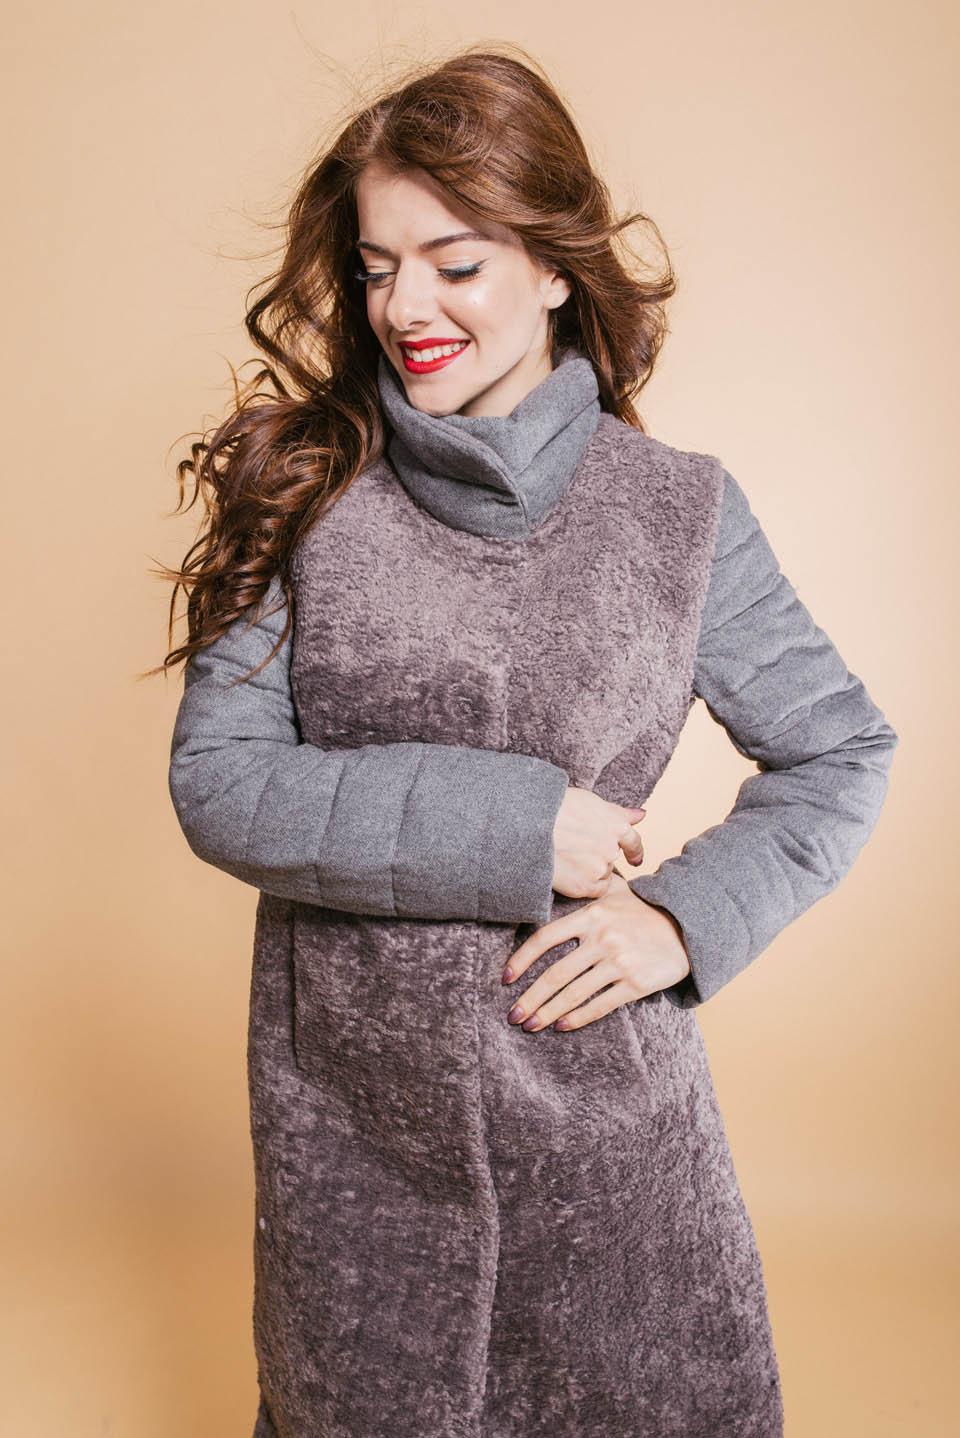 Пальто из шерсти, женское пальто-трансформер, жилетка-трансформер, купить пальто, купить жилетку, фараон